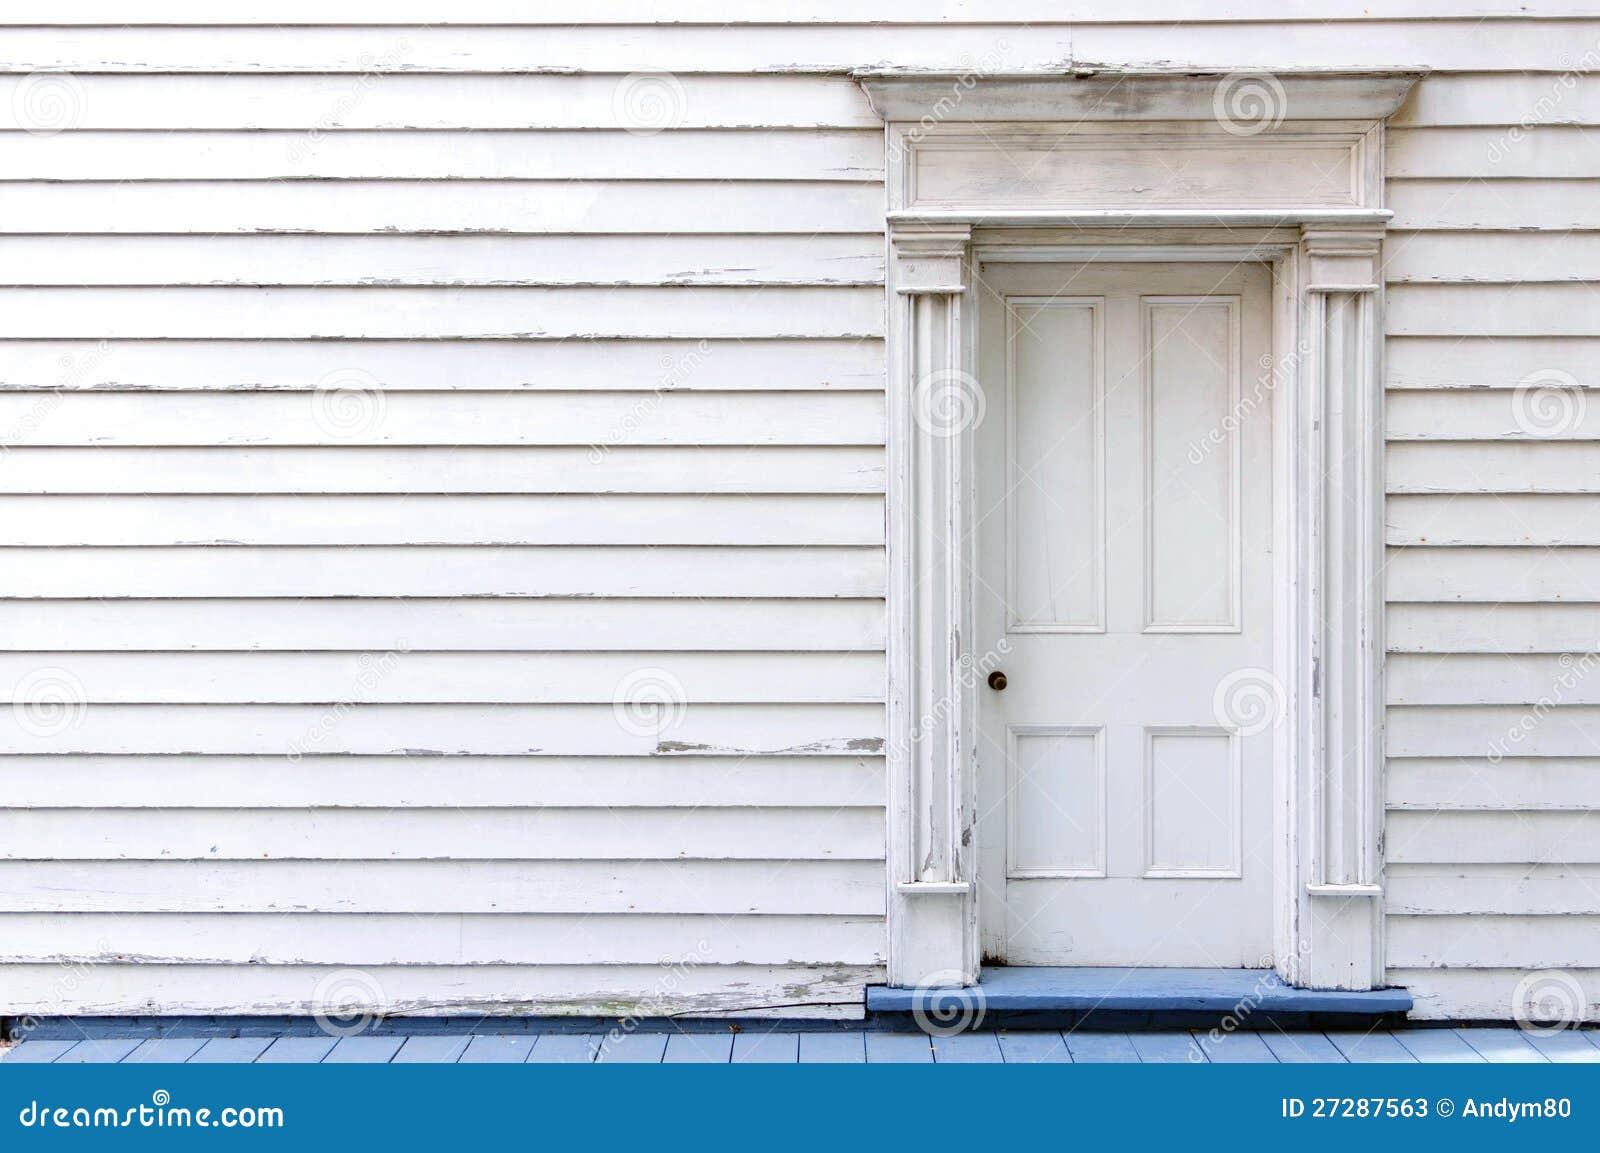 Vintage wooden door wall and window Stock Photos